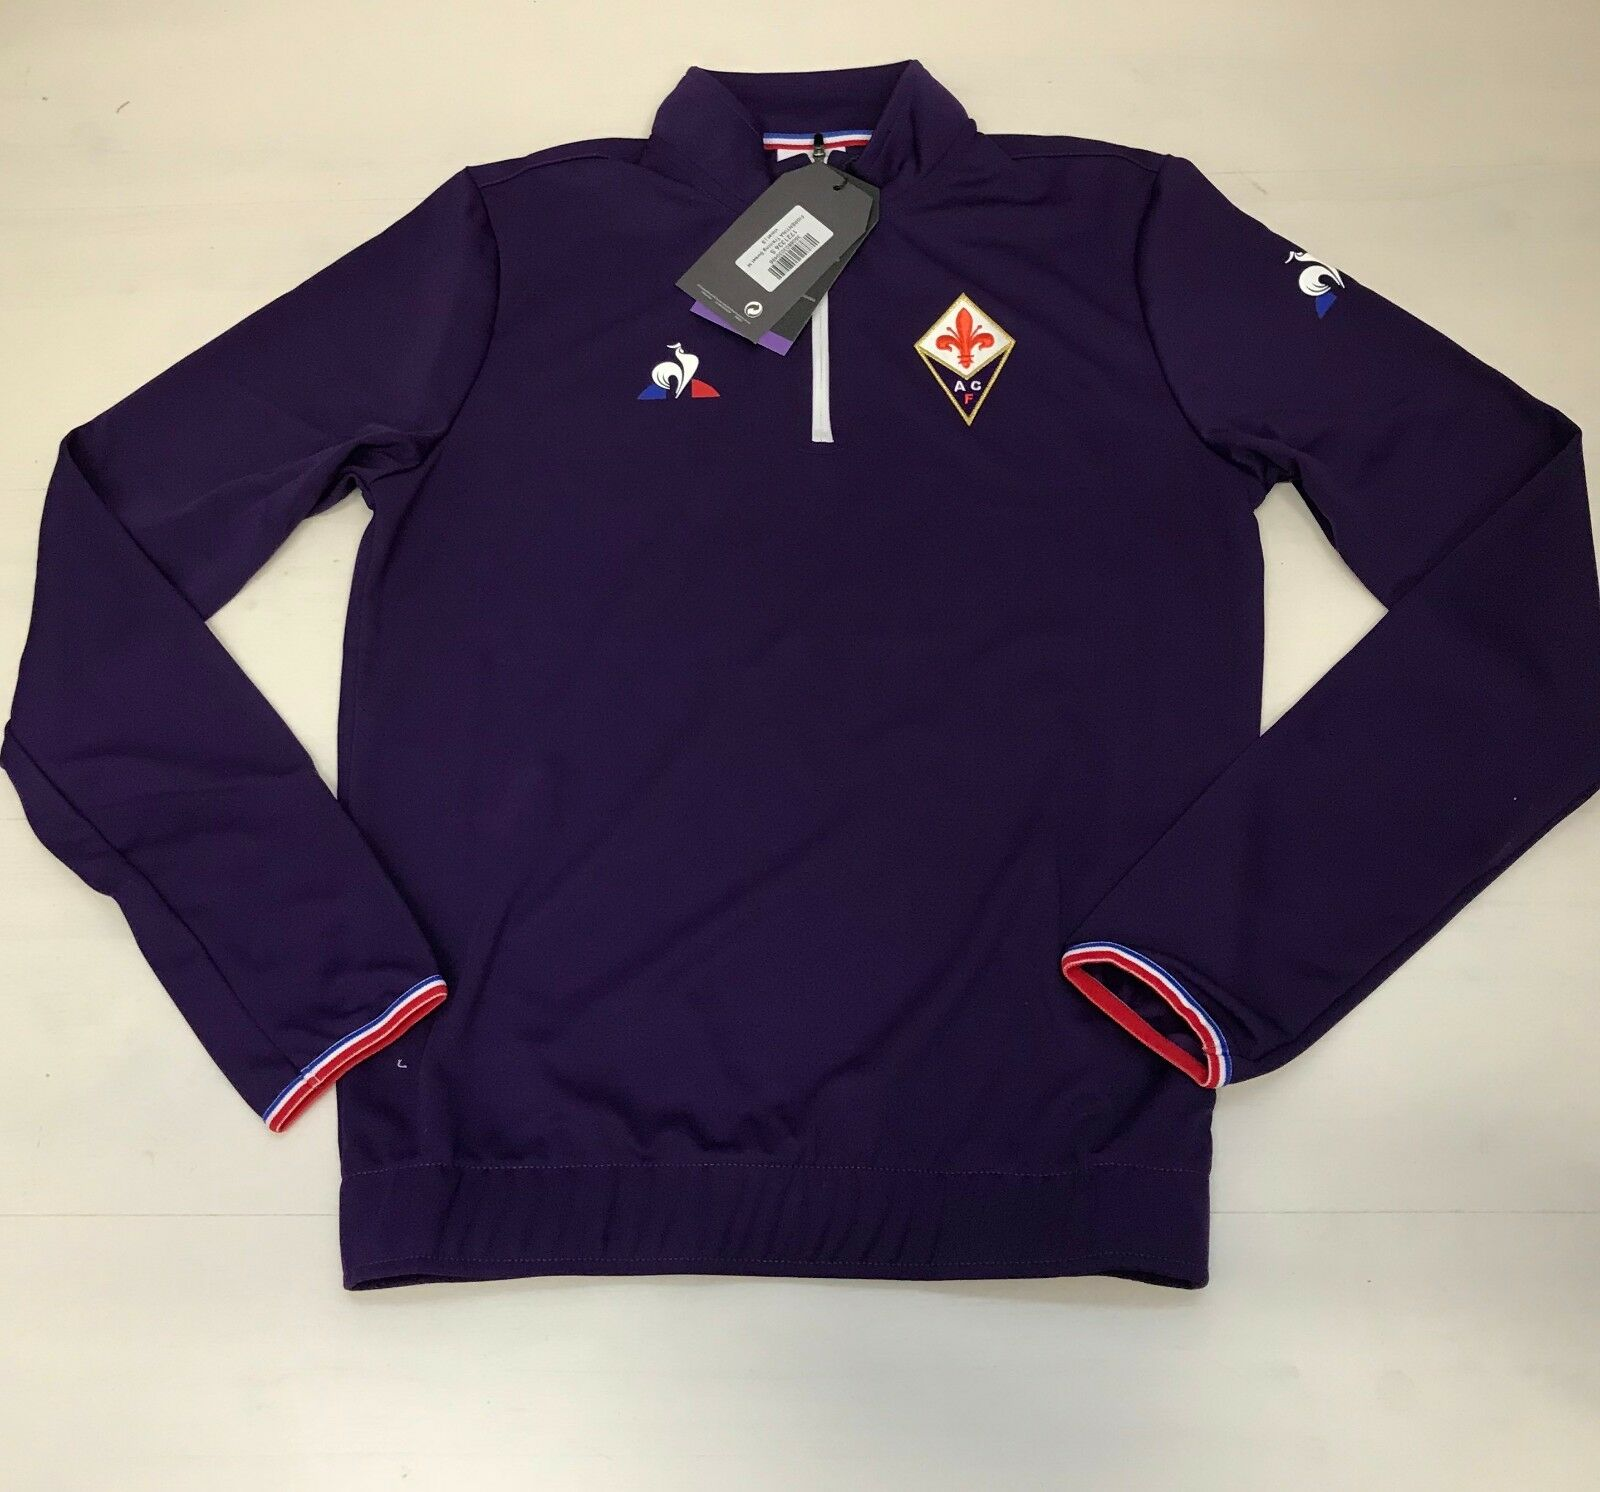 3660 Le Coq Sportif Fiorentina Sudadera Entrenamiento Entrenamiento Entrenamiento Training Sweat Jr Niño dc99e8